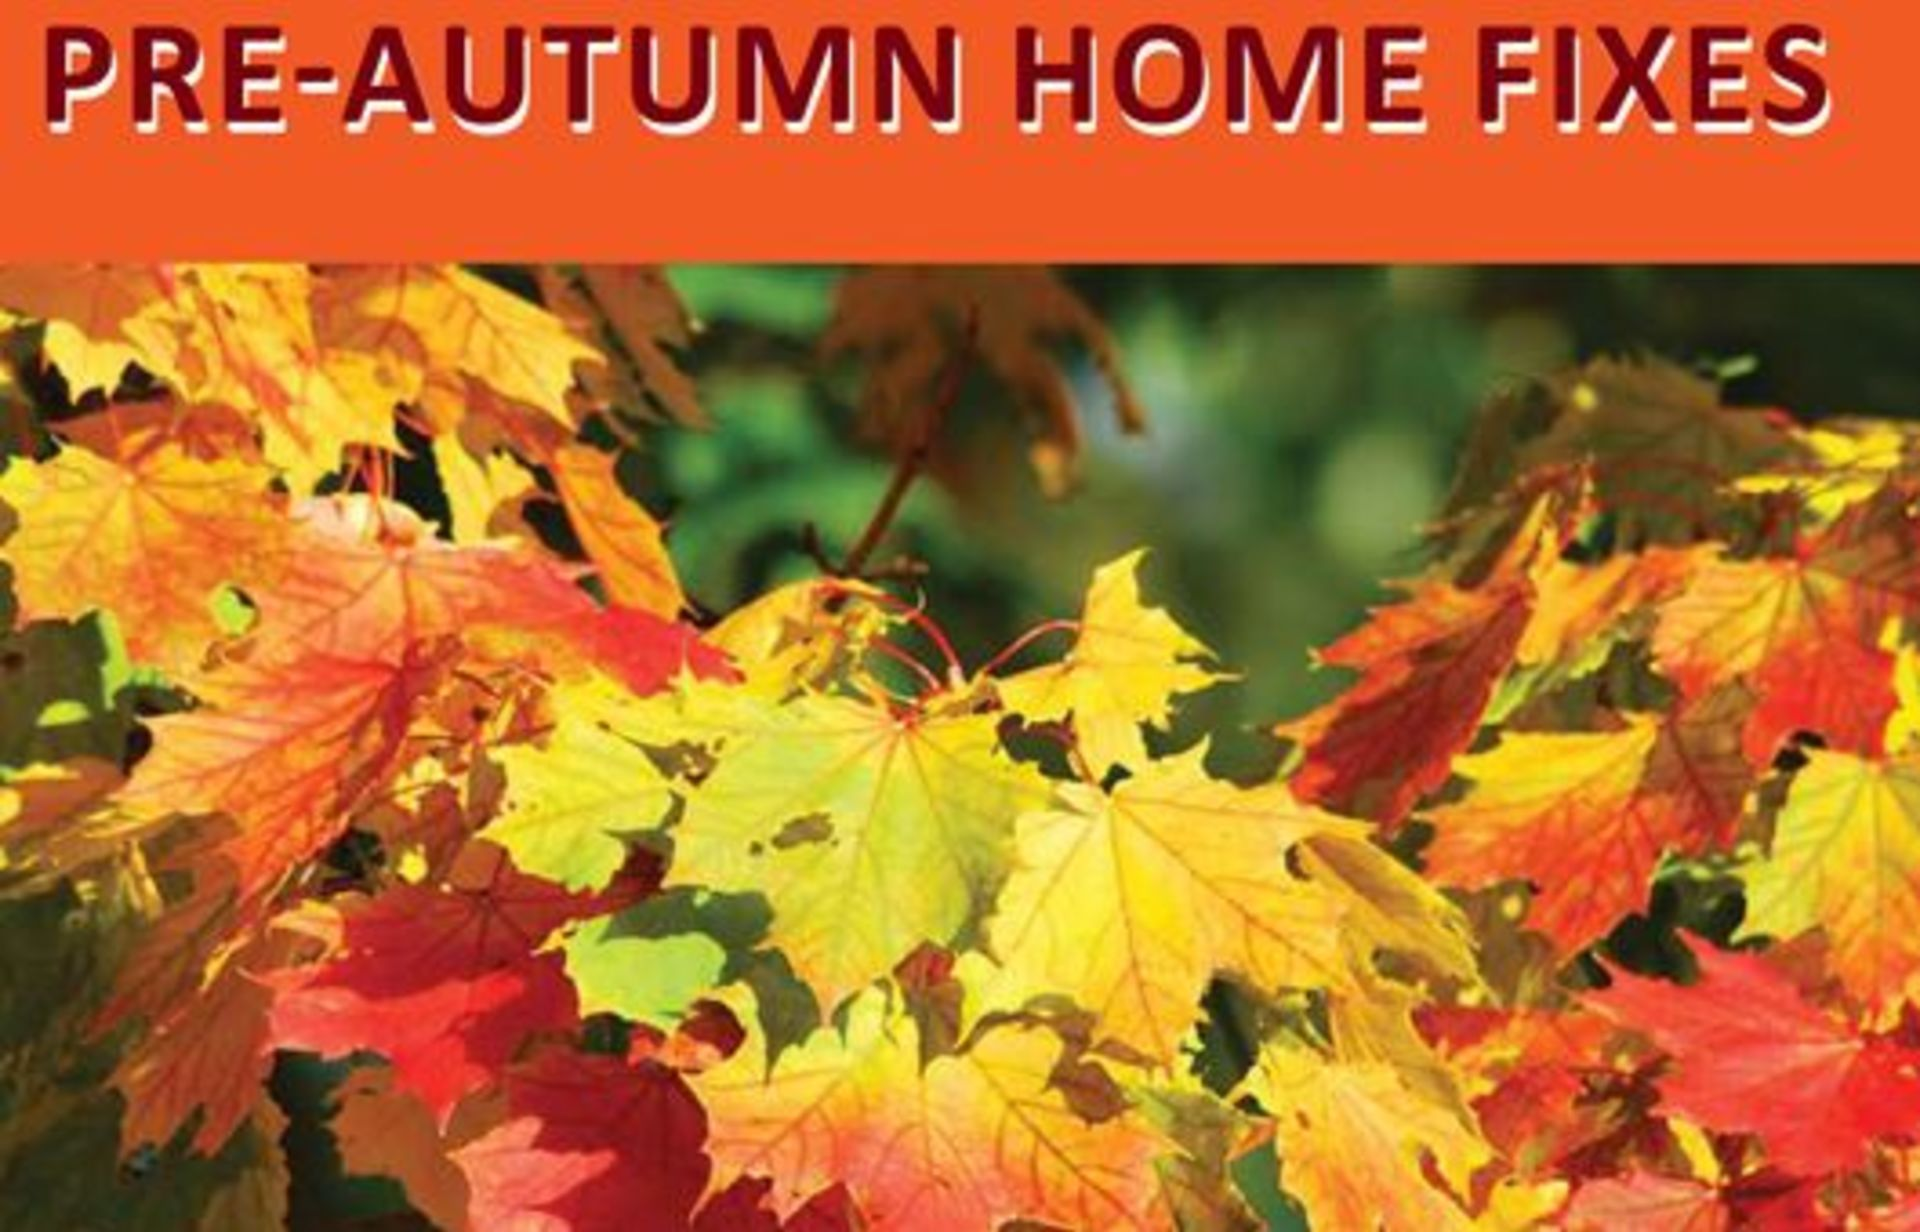 Pre-autumn home fixes!